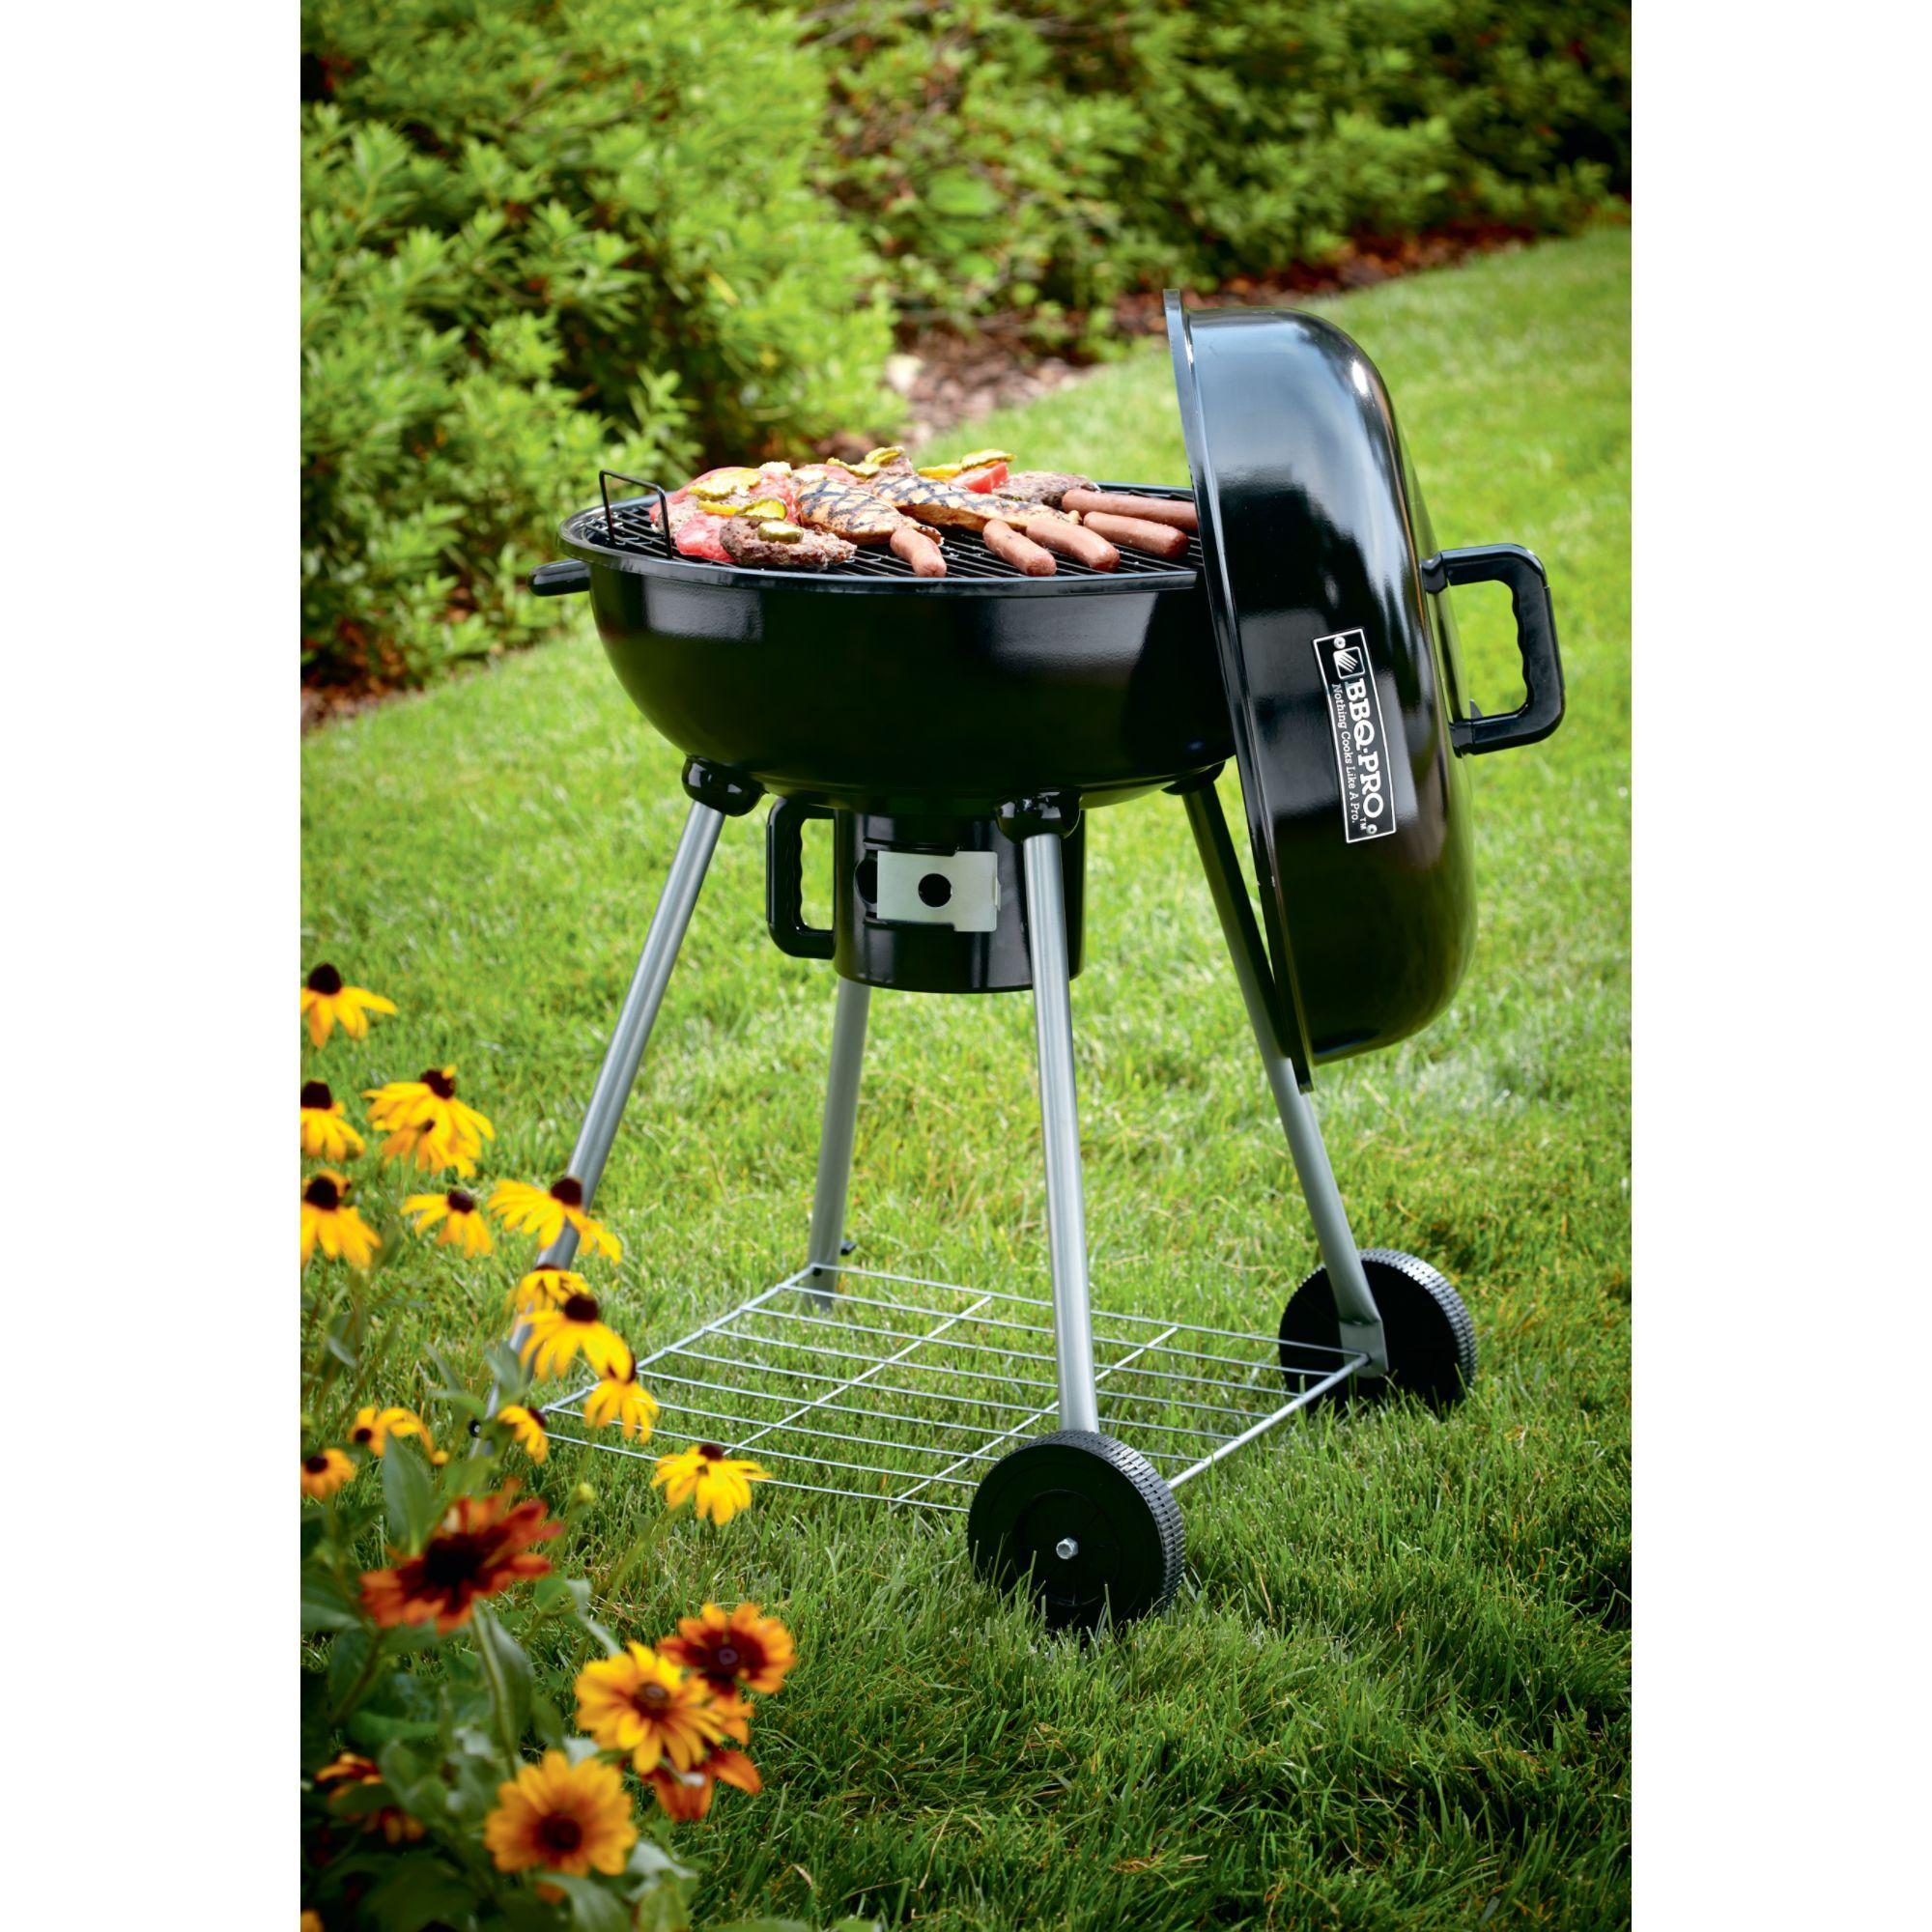 backyard grill bbq pro 22.5 FDPTDJK